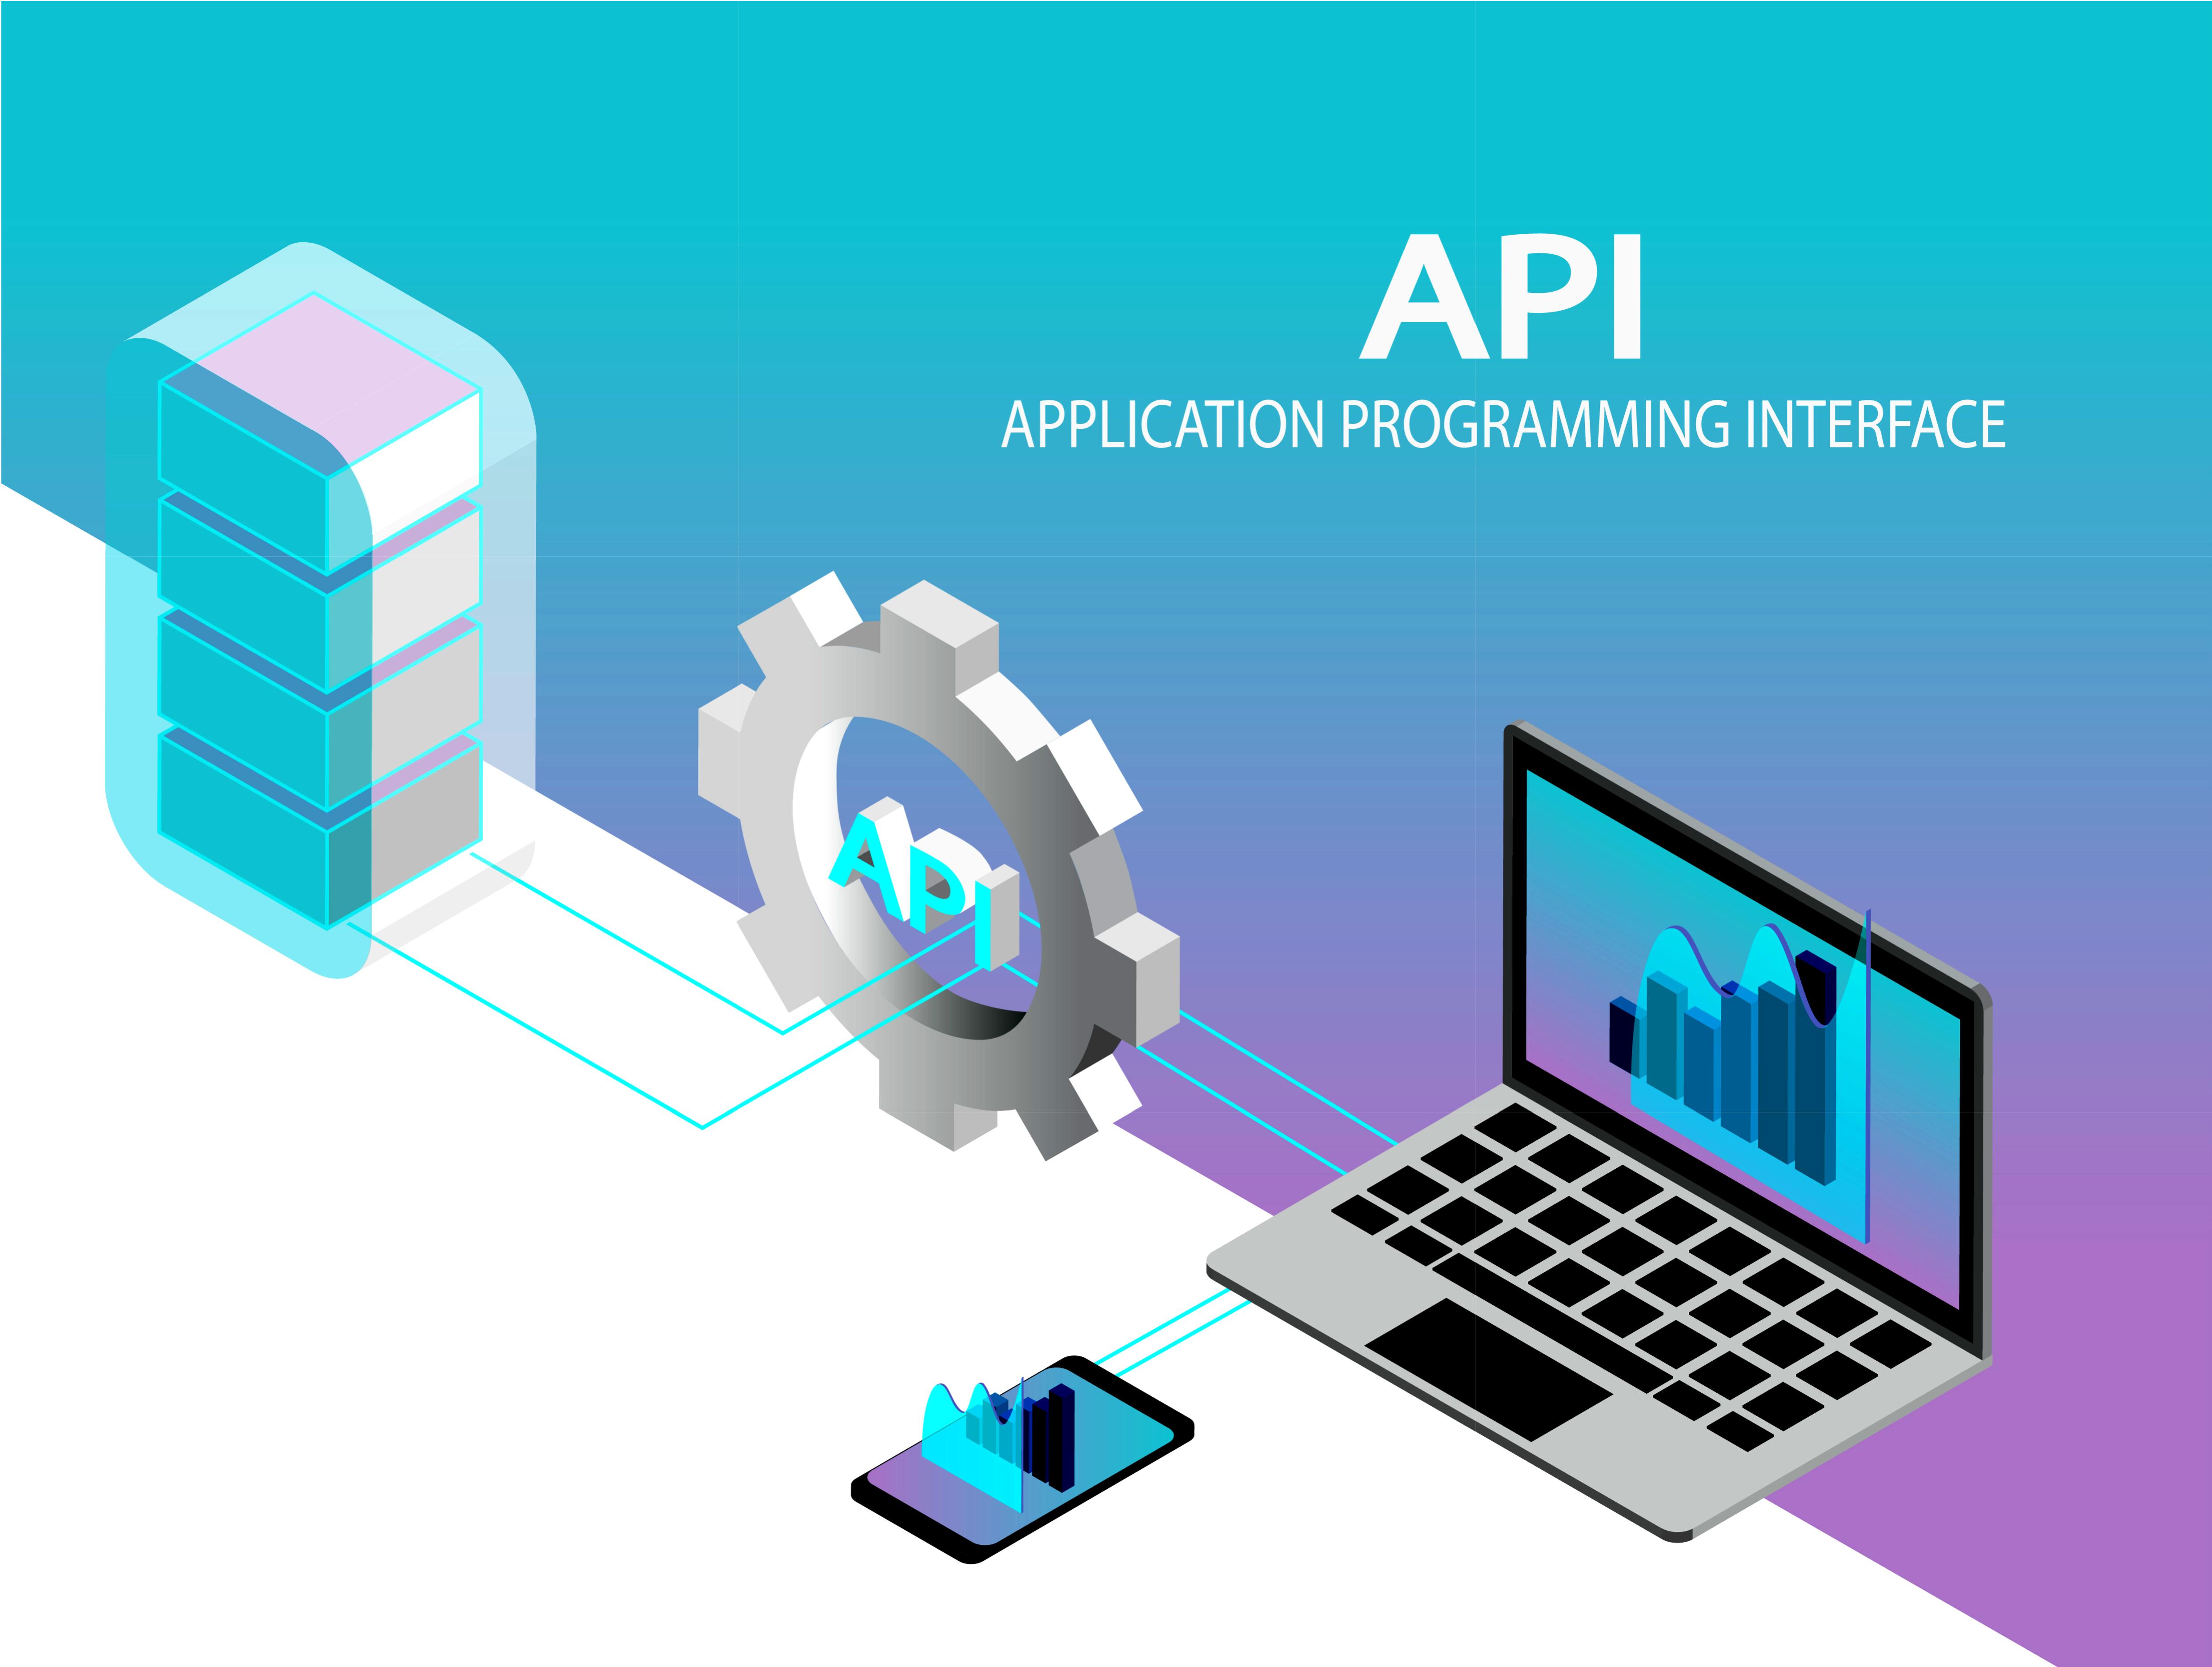 Что такое api: функции интерфейса апи програмного обеспечения